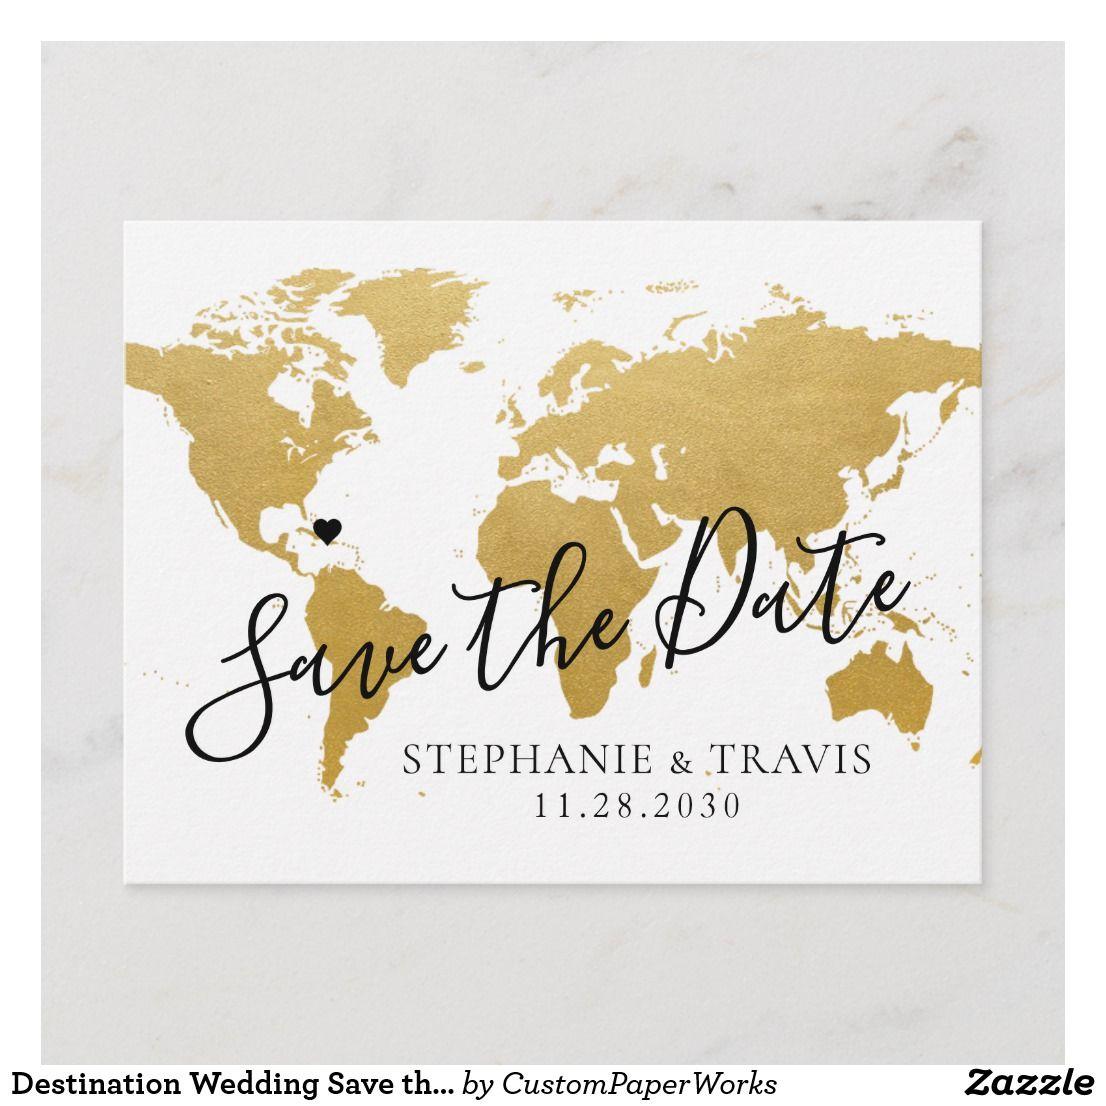 Destination Wedding Save The Date Gold Map Announcement Postcard Zazzle Com Destination Wedding Save The Dates Wedding Saving Save The Date Postcards